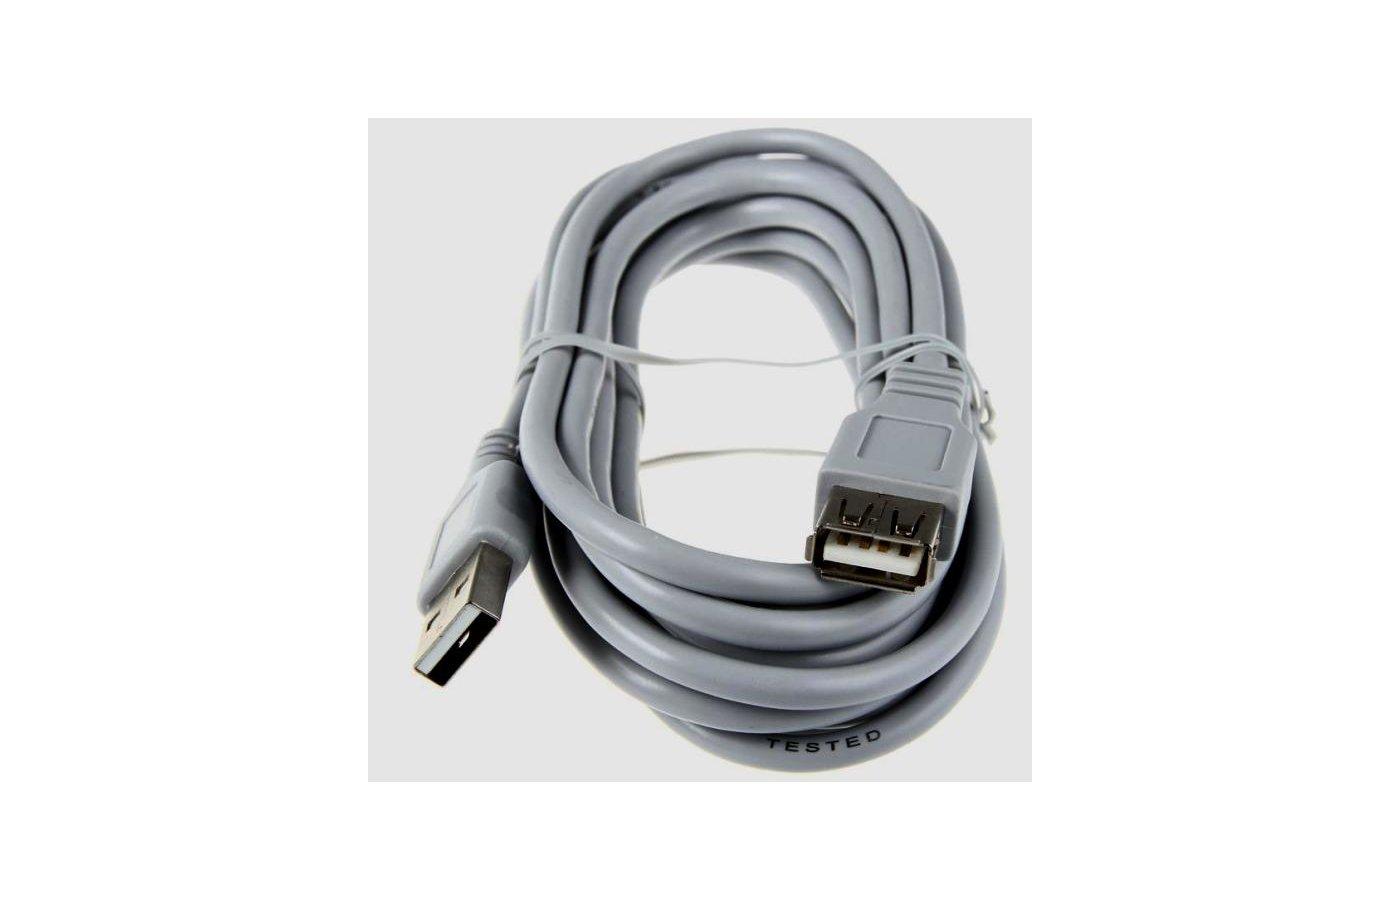 USB Кабель Hama H-30618 USB 2.0 A(m) - A(f) удлинительный 3м серый